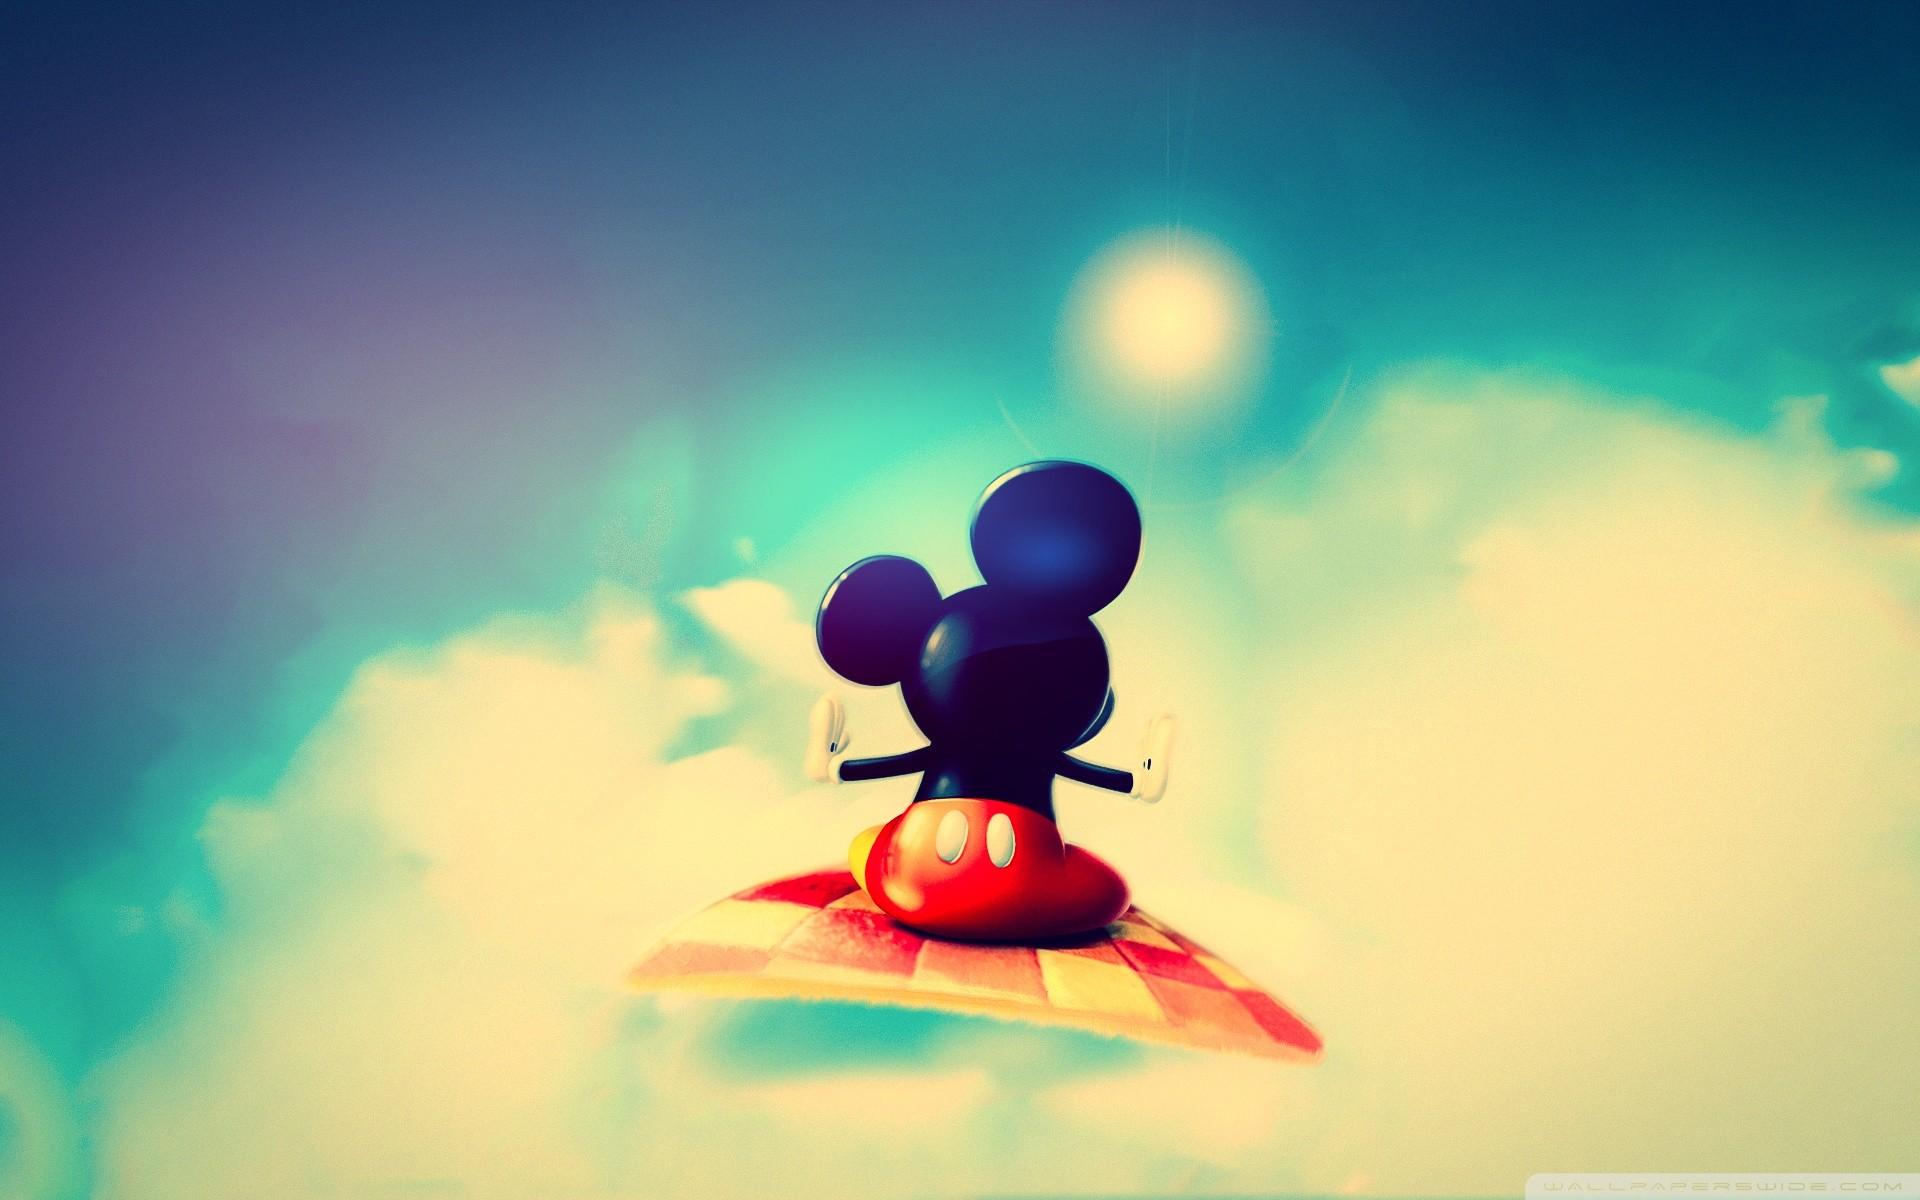 Cute Disney Screensavers wallpaper | | #82872